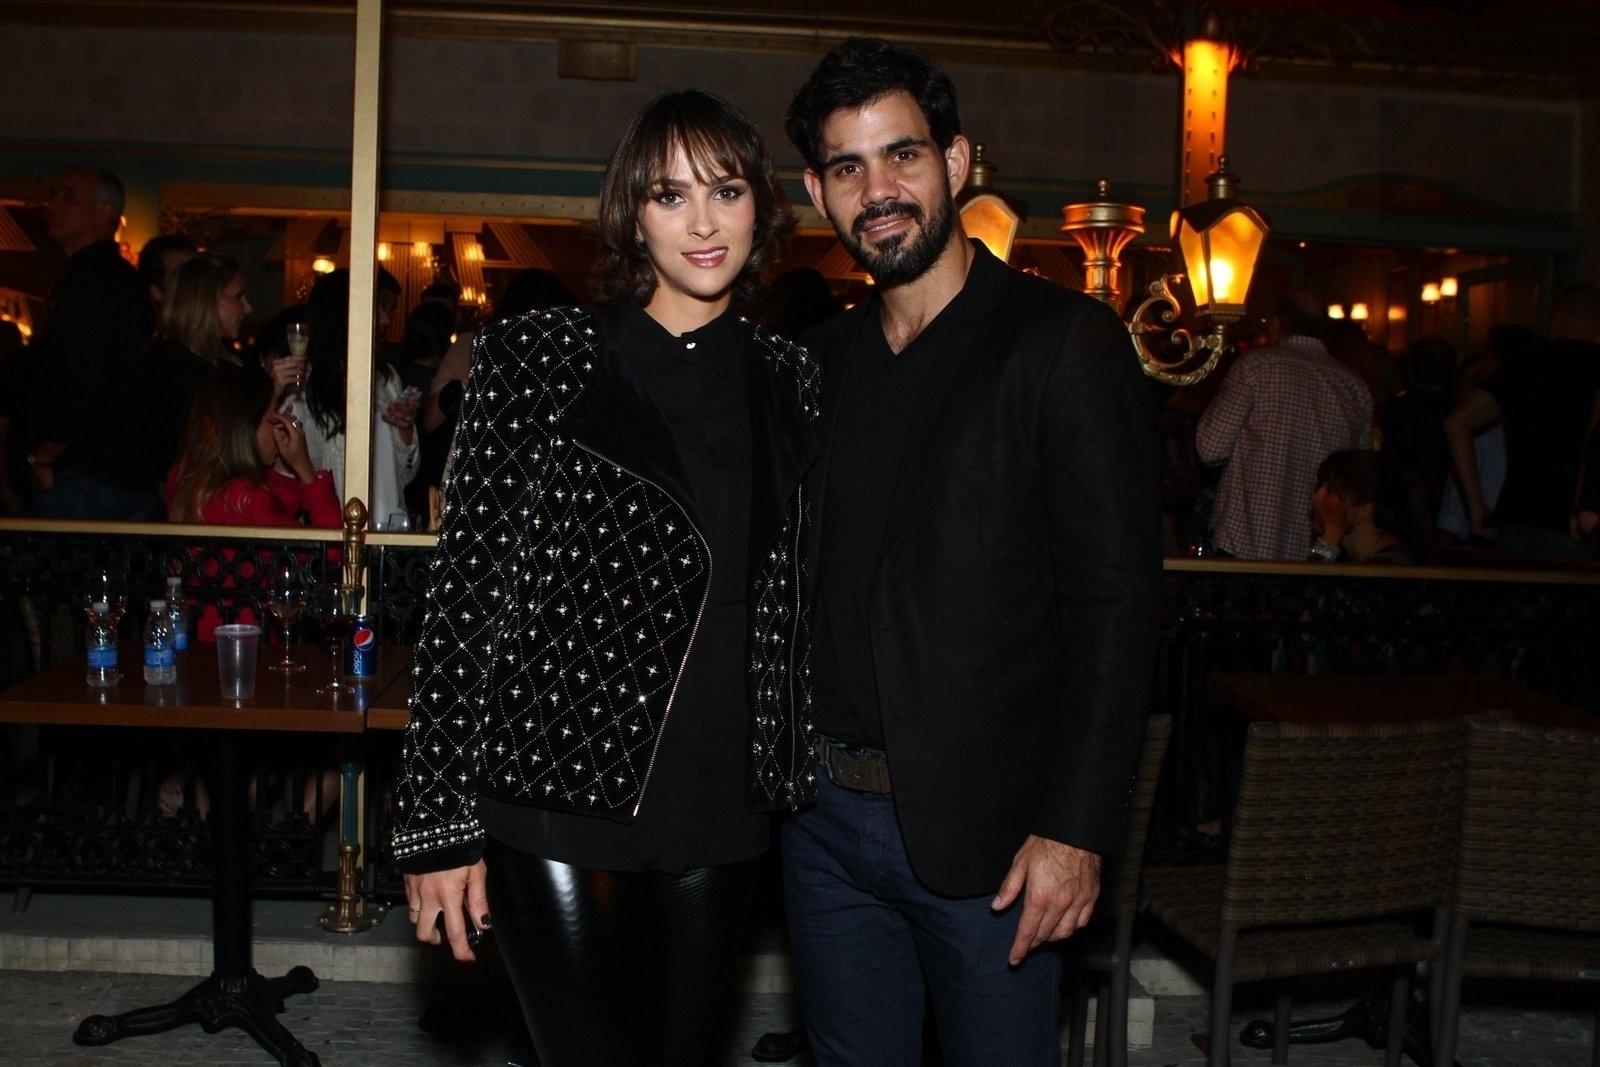 6.ago.2013 - Juliano Cazarré com a mulher, Letícia, na inauguração do restaurante Paris 6 na Barra da Tijuca, no Rio de Janeiro